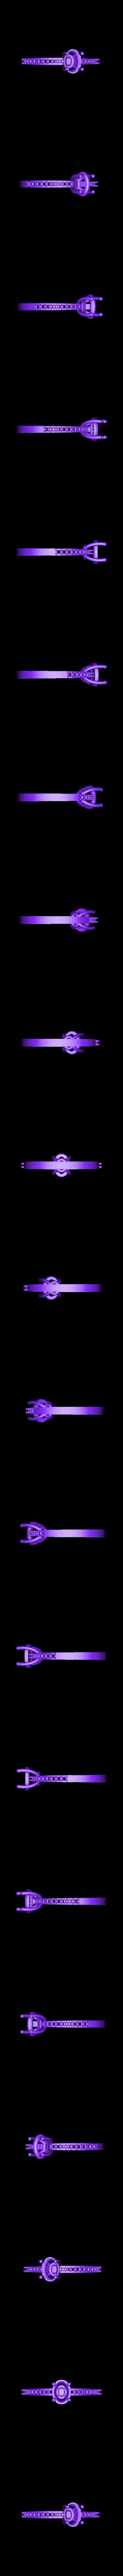 oveal STL.stl Télécharger fichier STL gratuit Bijoux 3D CAD Modèle de Solitaire Avec Accents Ring • Modèle pour imprimante 3D, VR3D